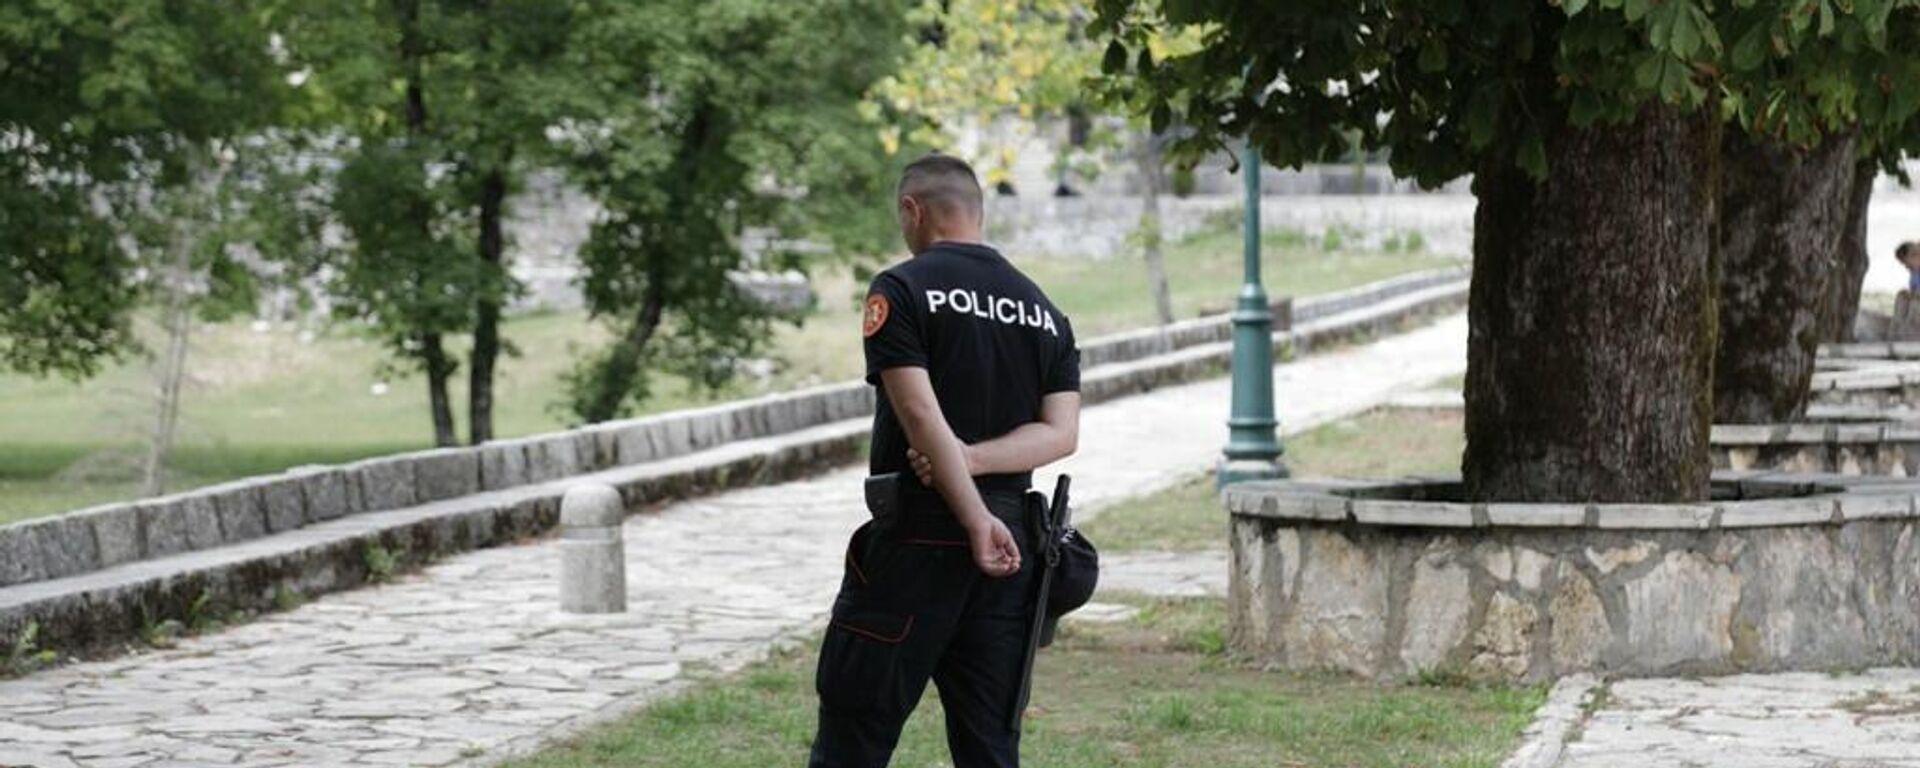 Policija dežura u kompleksu Cetinjskog manastira - Sputnik Srbija, 1920, 08.09.2021